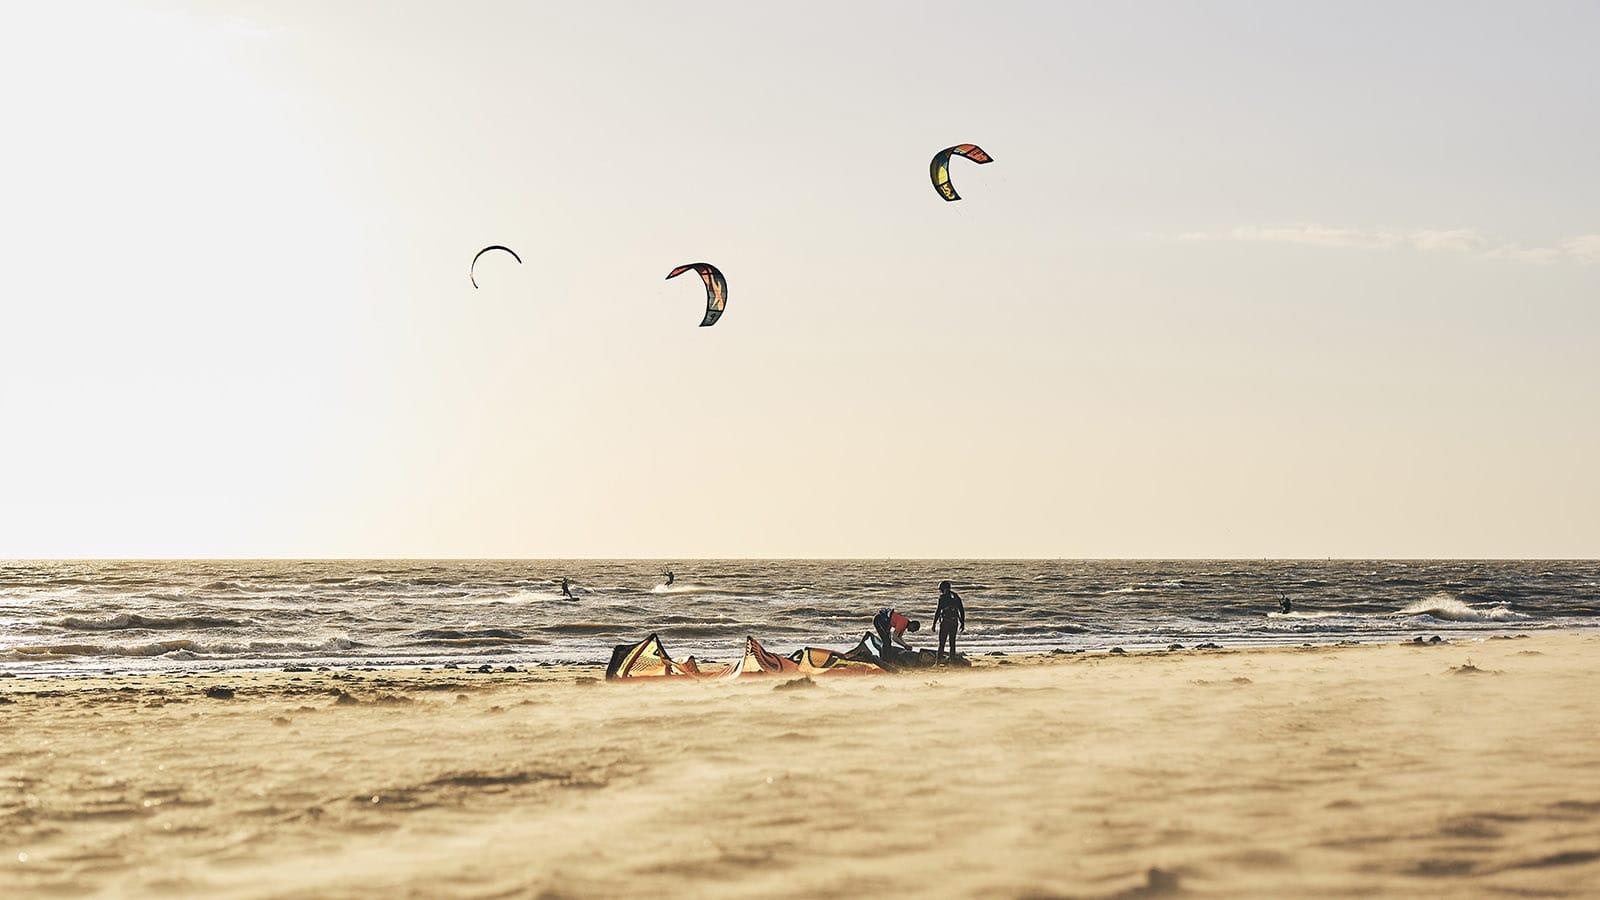 activites-nautique-kite-alamoureux-saintjeandemonts